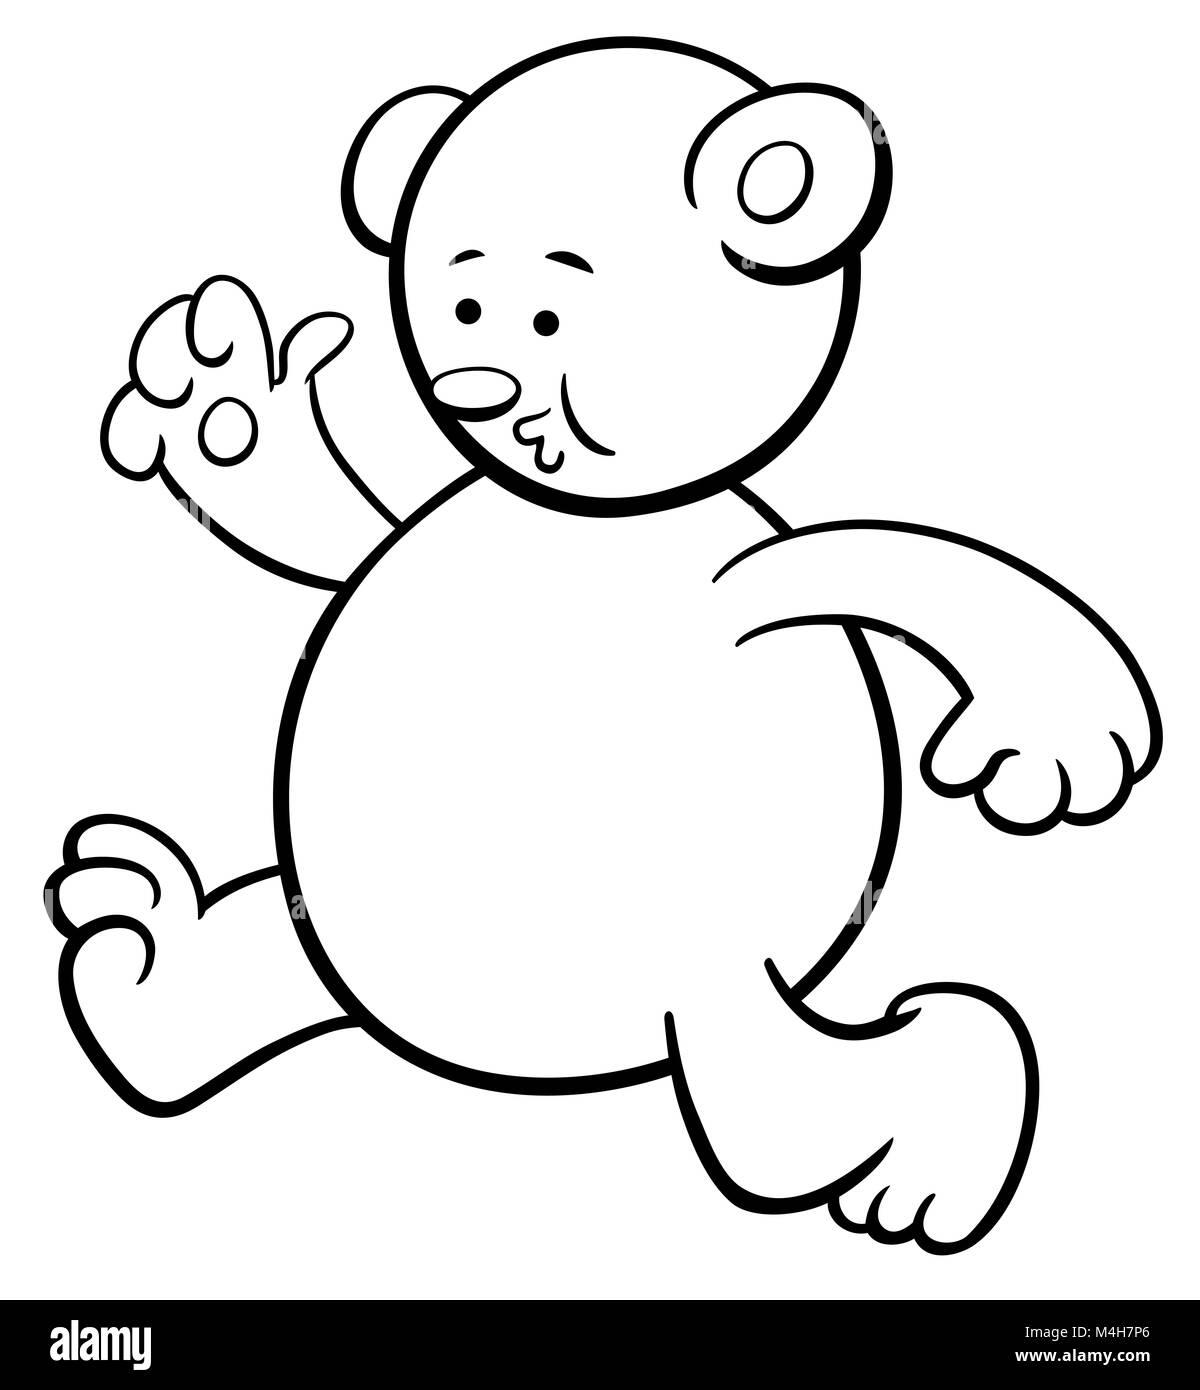 Nett Teddybär Färbung Fotos - Beispiel Wiederaufnahme Vorlagen ...